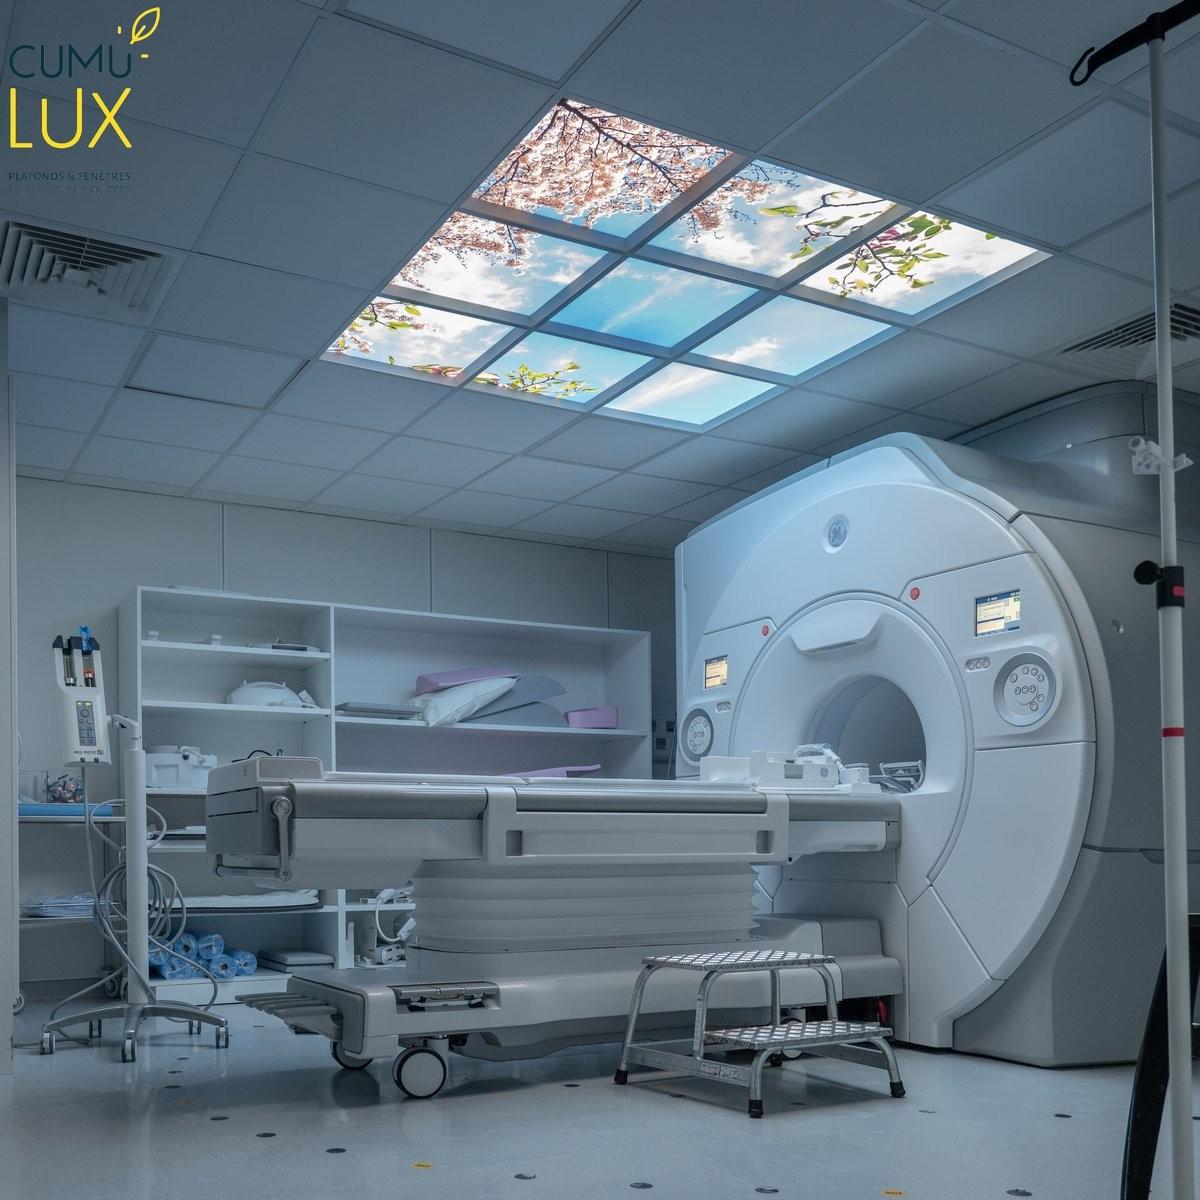 Faux plafond lumineux de 9 dalles Cumulux, pour un IRM à l'insitut Gustave Roussy